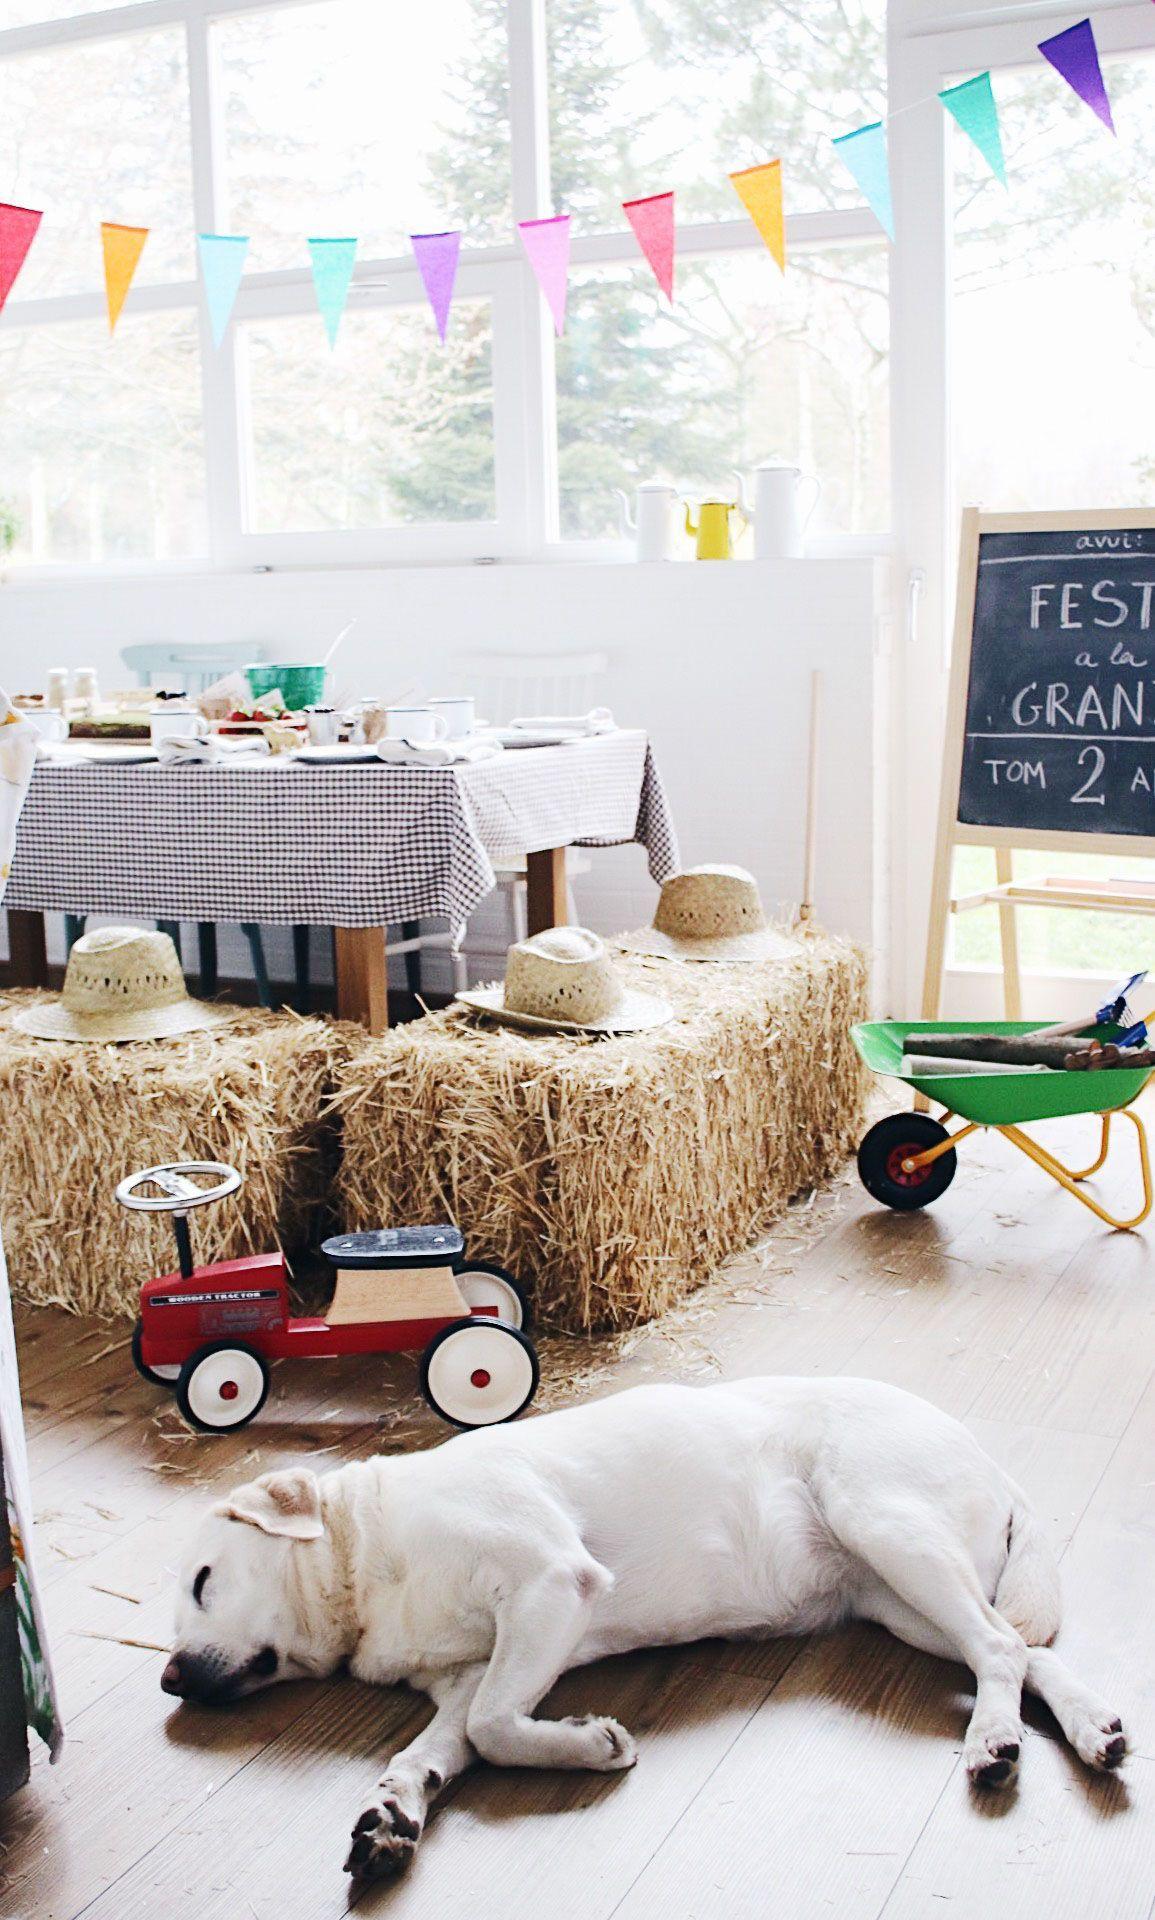 Fiesta y detalles de decoración cumpleaños de Tom 2 años fiesta en la granja